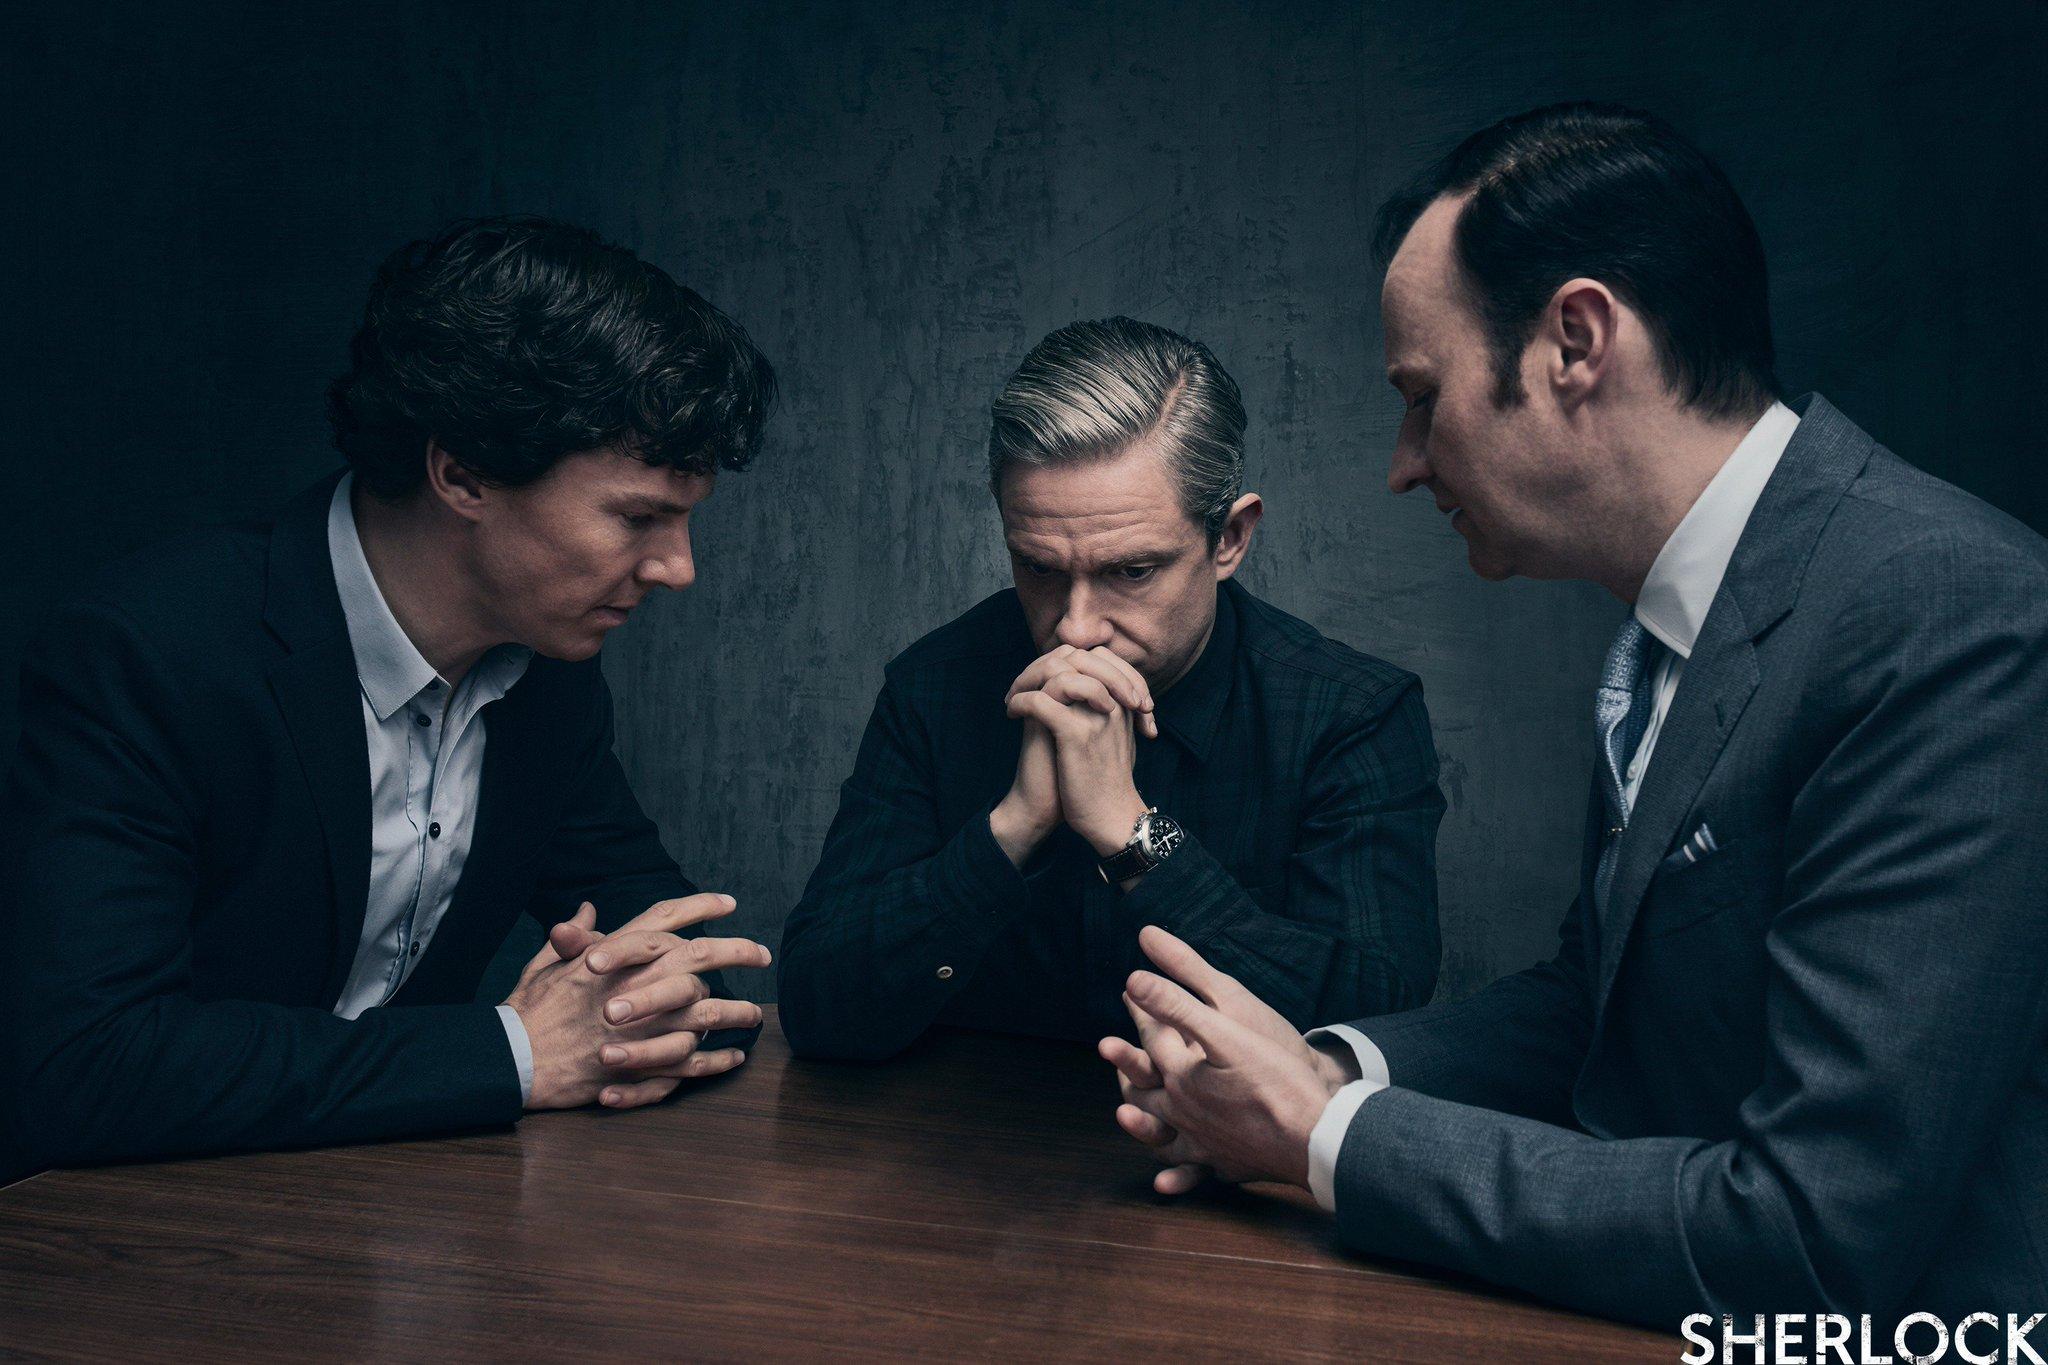 Three days until The Final Problem. #Sherlock https://t.co/iISNXpmagJ